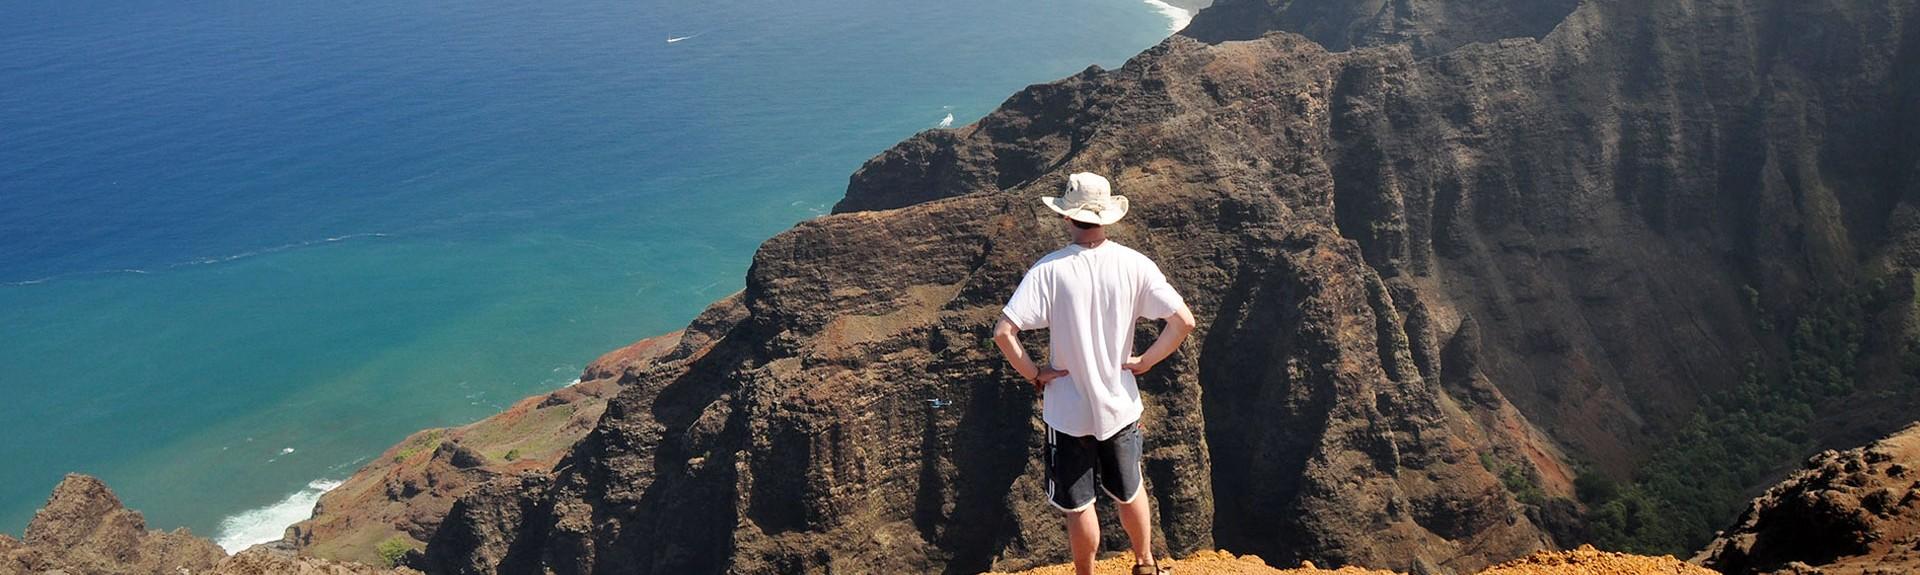 15 Best Kauai Hiking Trails + Kauai Hiking Guide